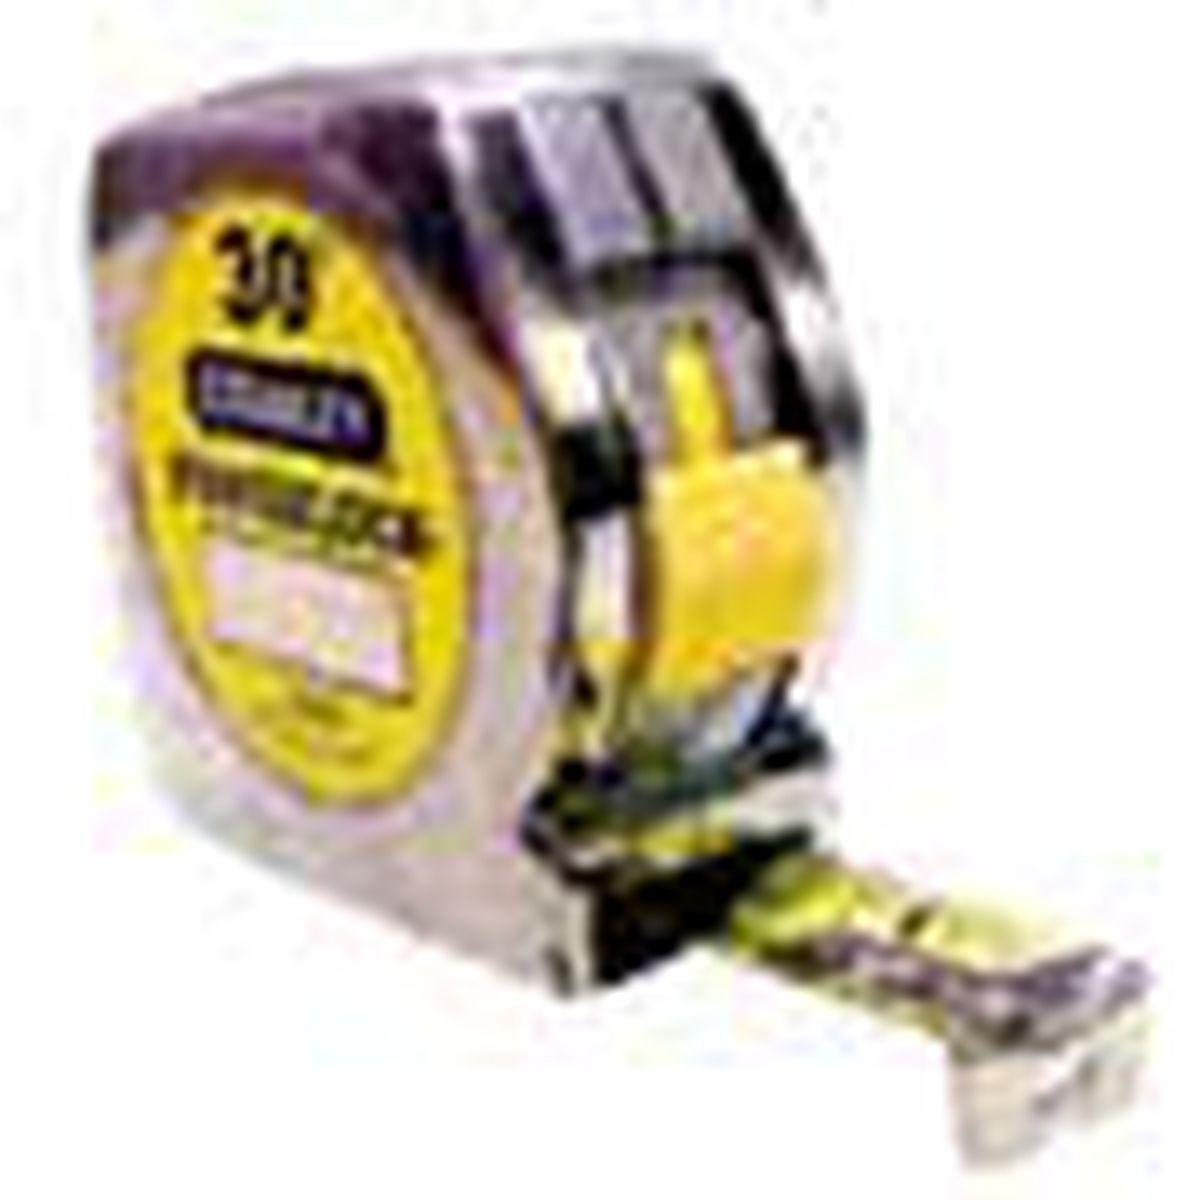 30-Foot Tape Measure